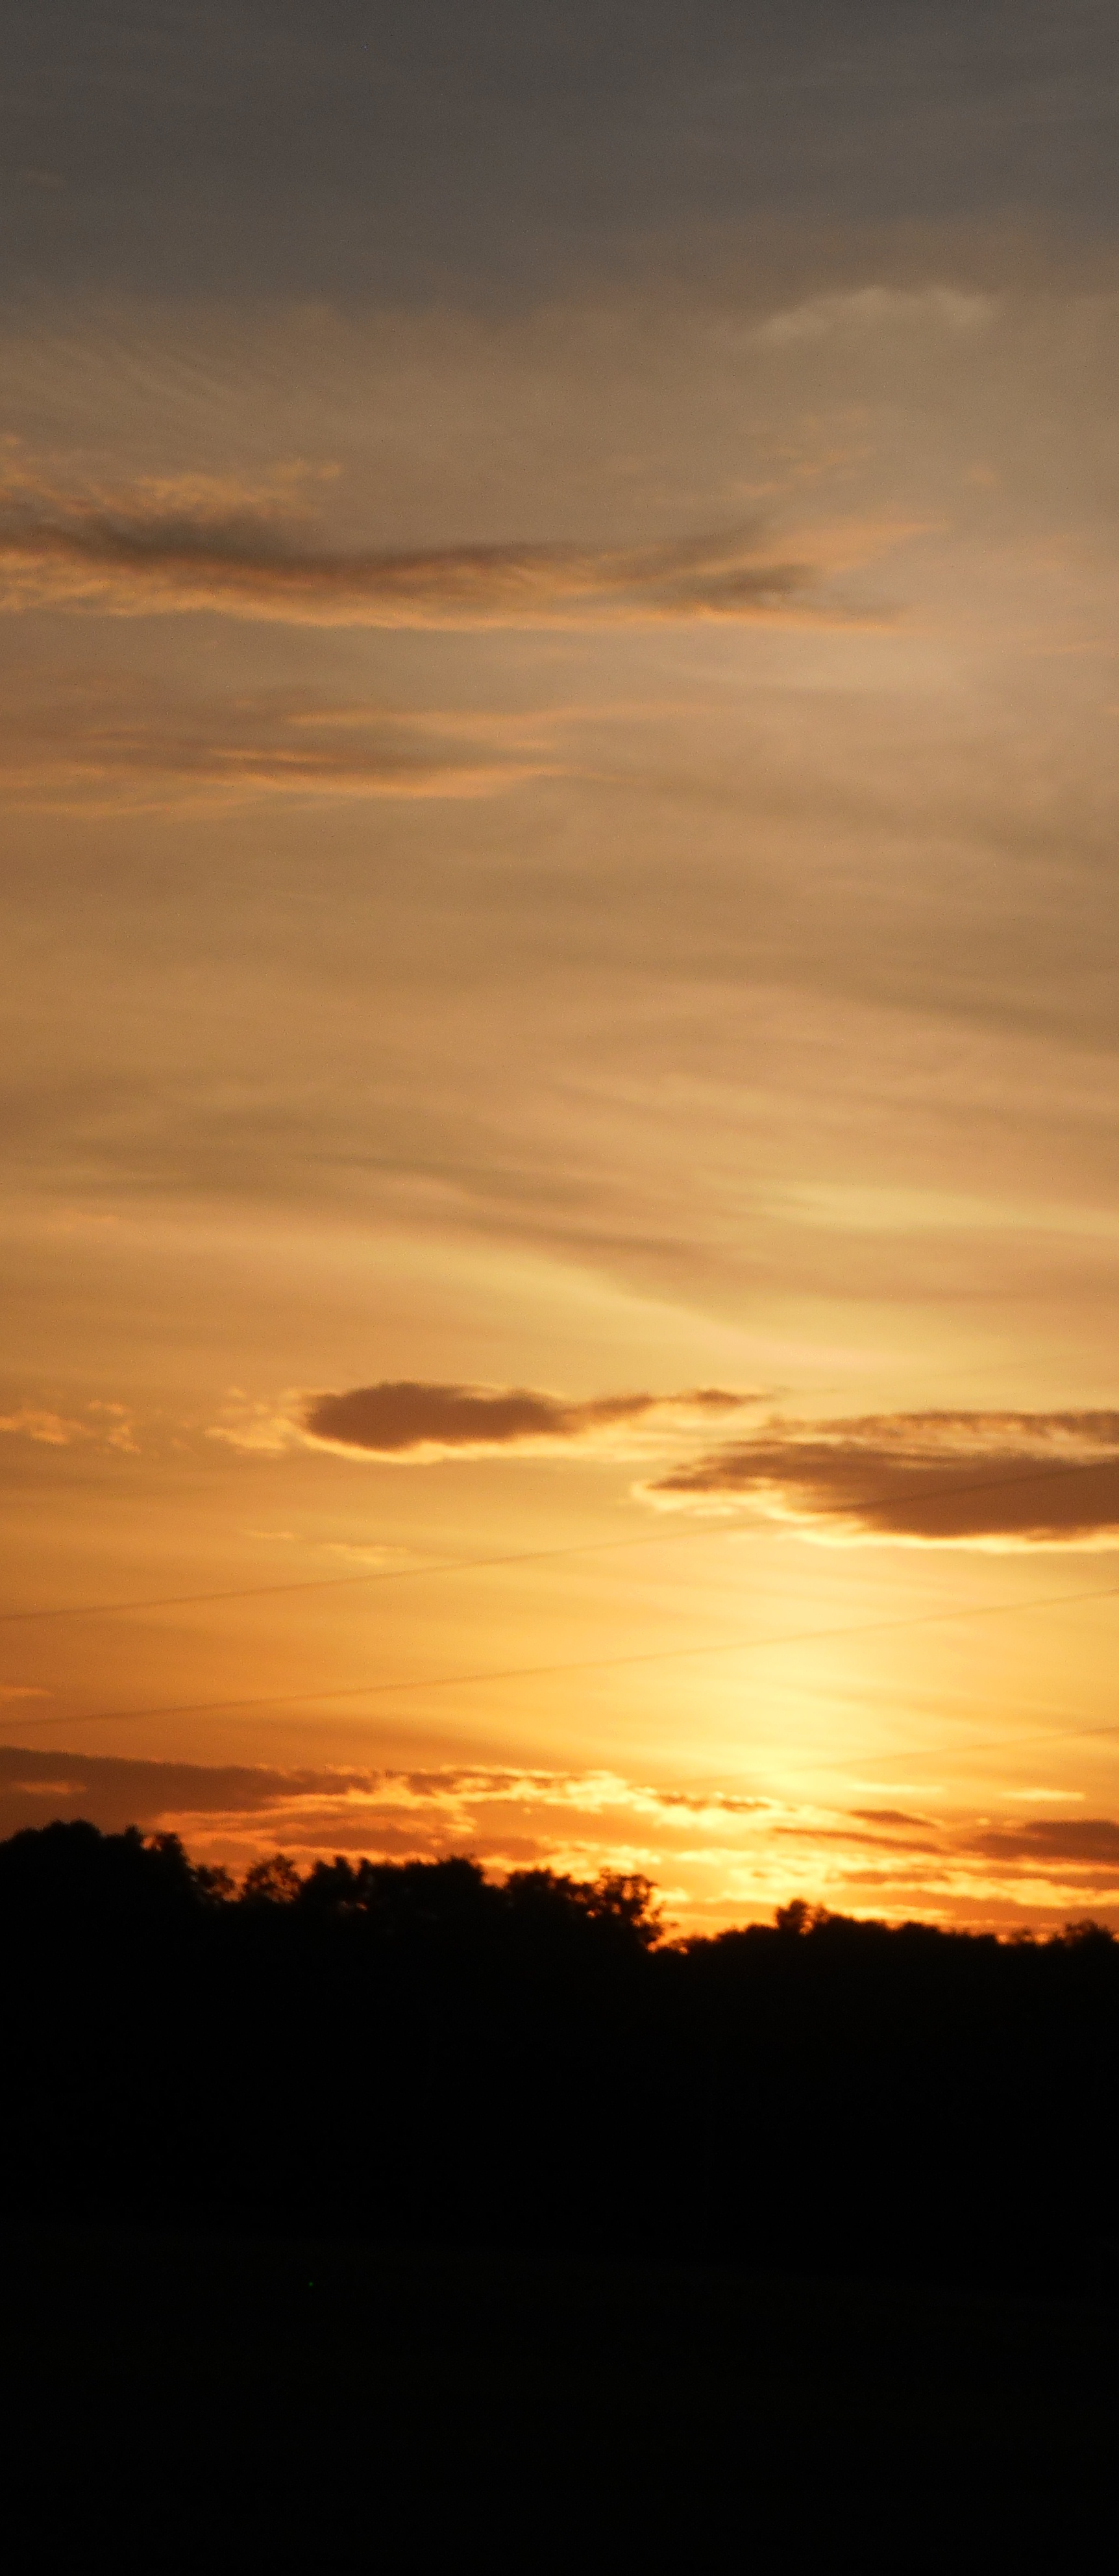 Sunset Summer Solstice 2014 by steward